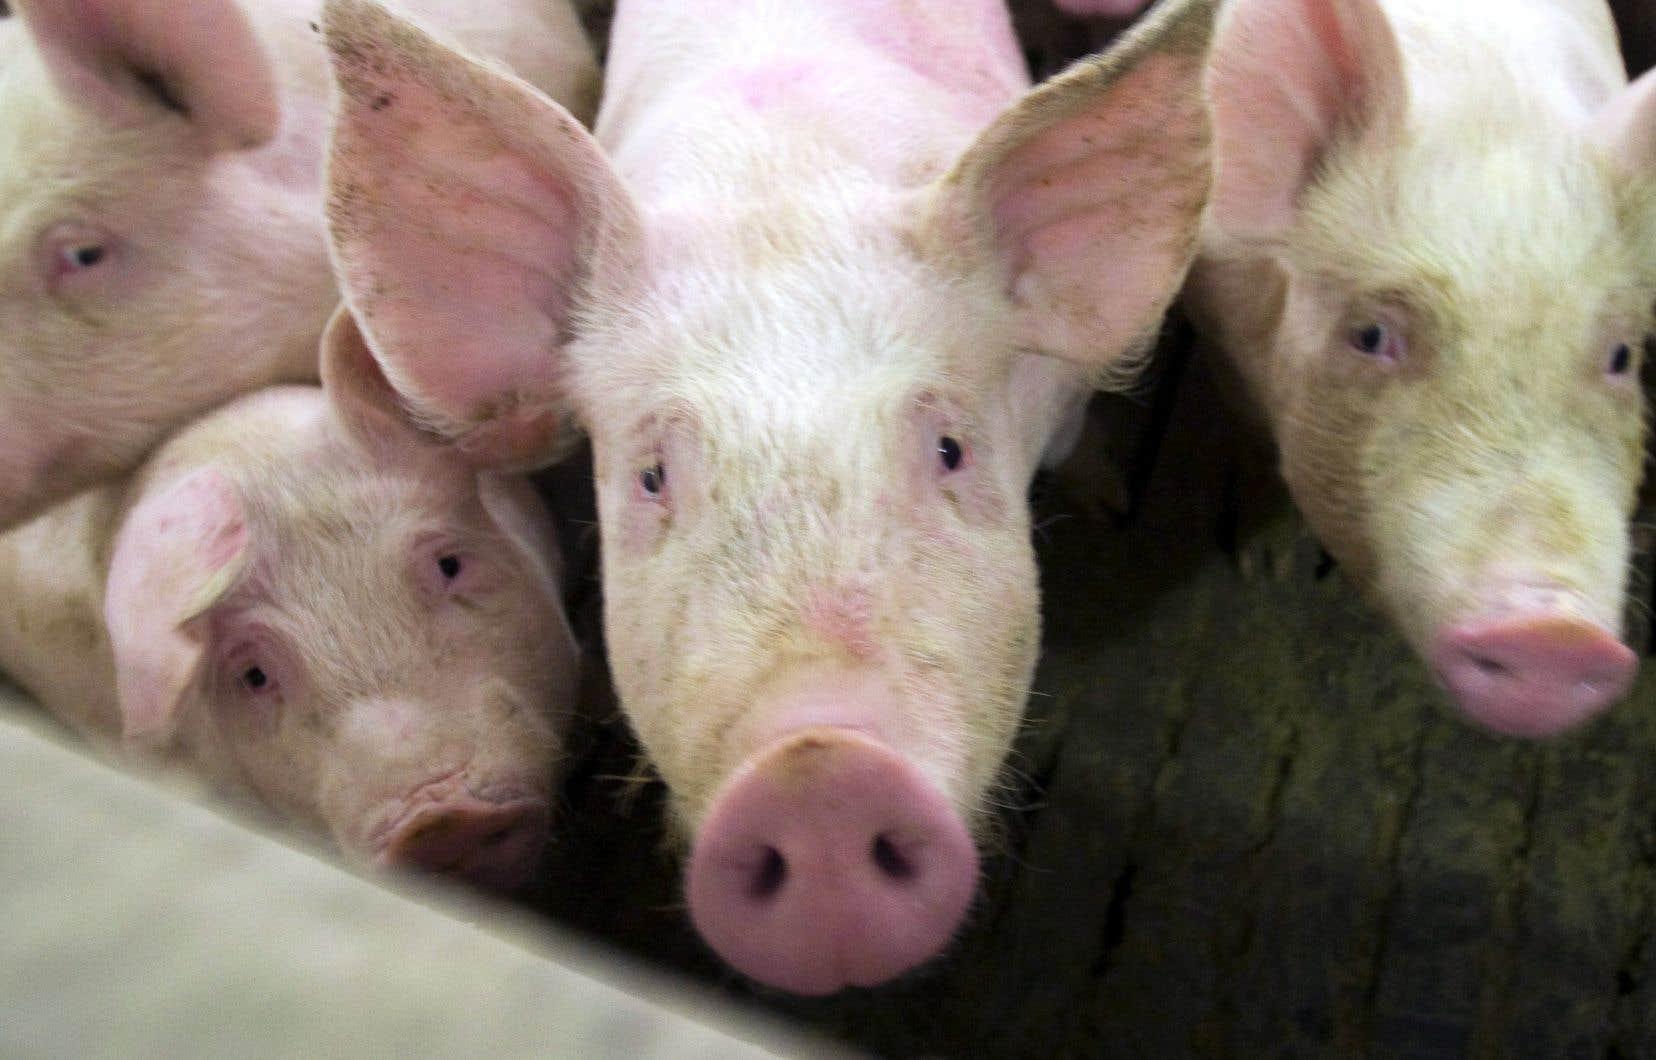 Faute de d'ententes entre les partis, les Éleveurs de porcs du Québec craignentque ses membres doivent en arriver à être forcés d'euthanasier des porcs.